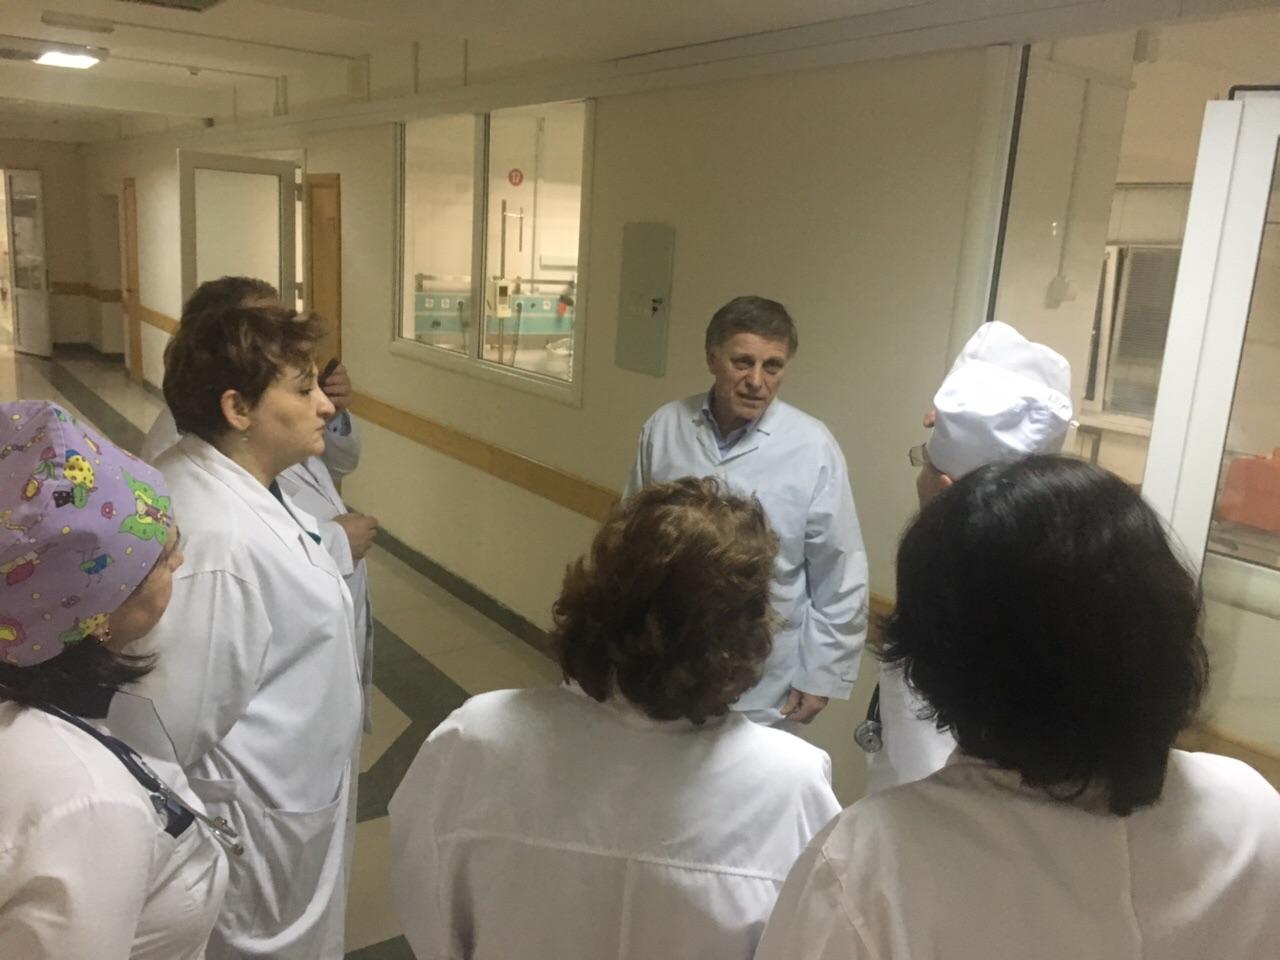 Минздрав: У большинства пациентов из Агвали минно-взрывные травмы